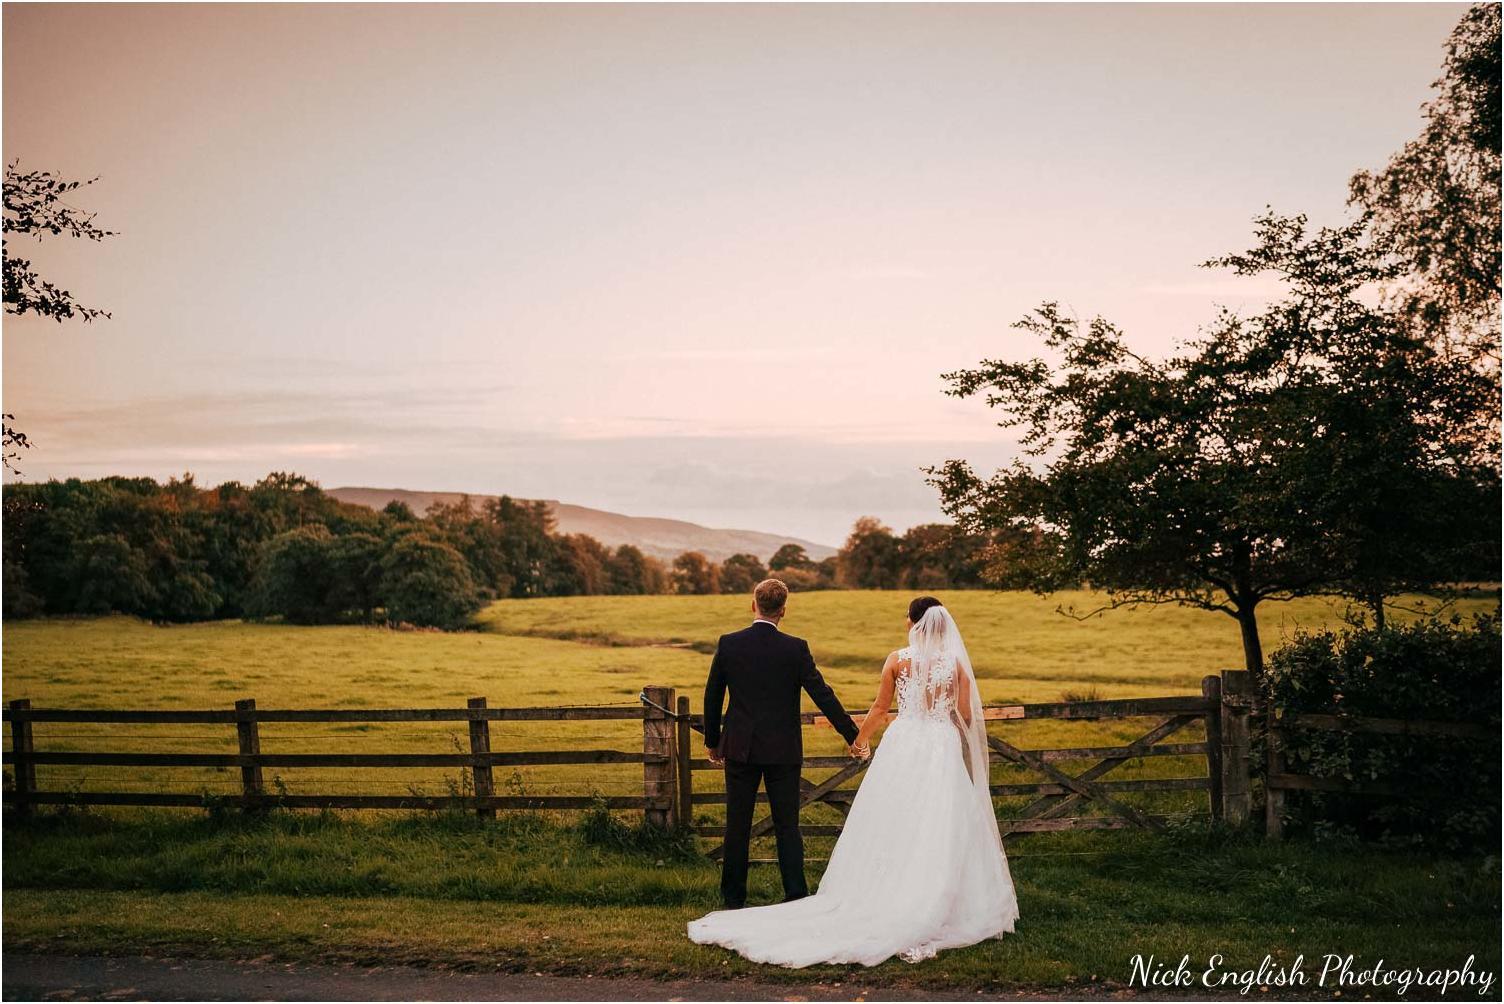 Browsholme_Hall_Barn_Wedding_Nick_English_Photography-185.jpg